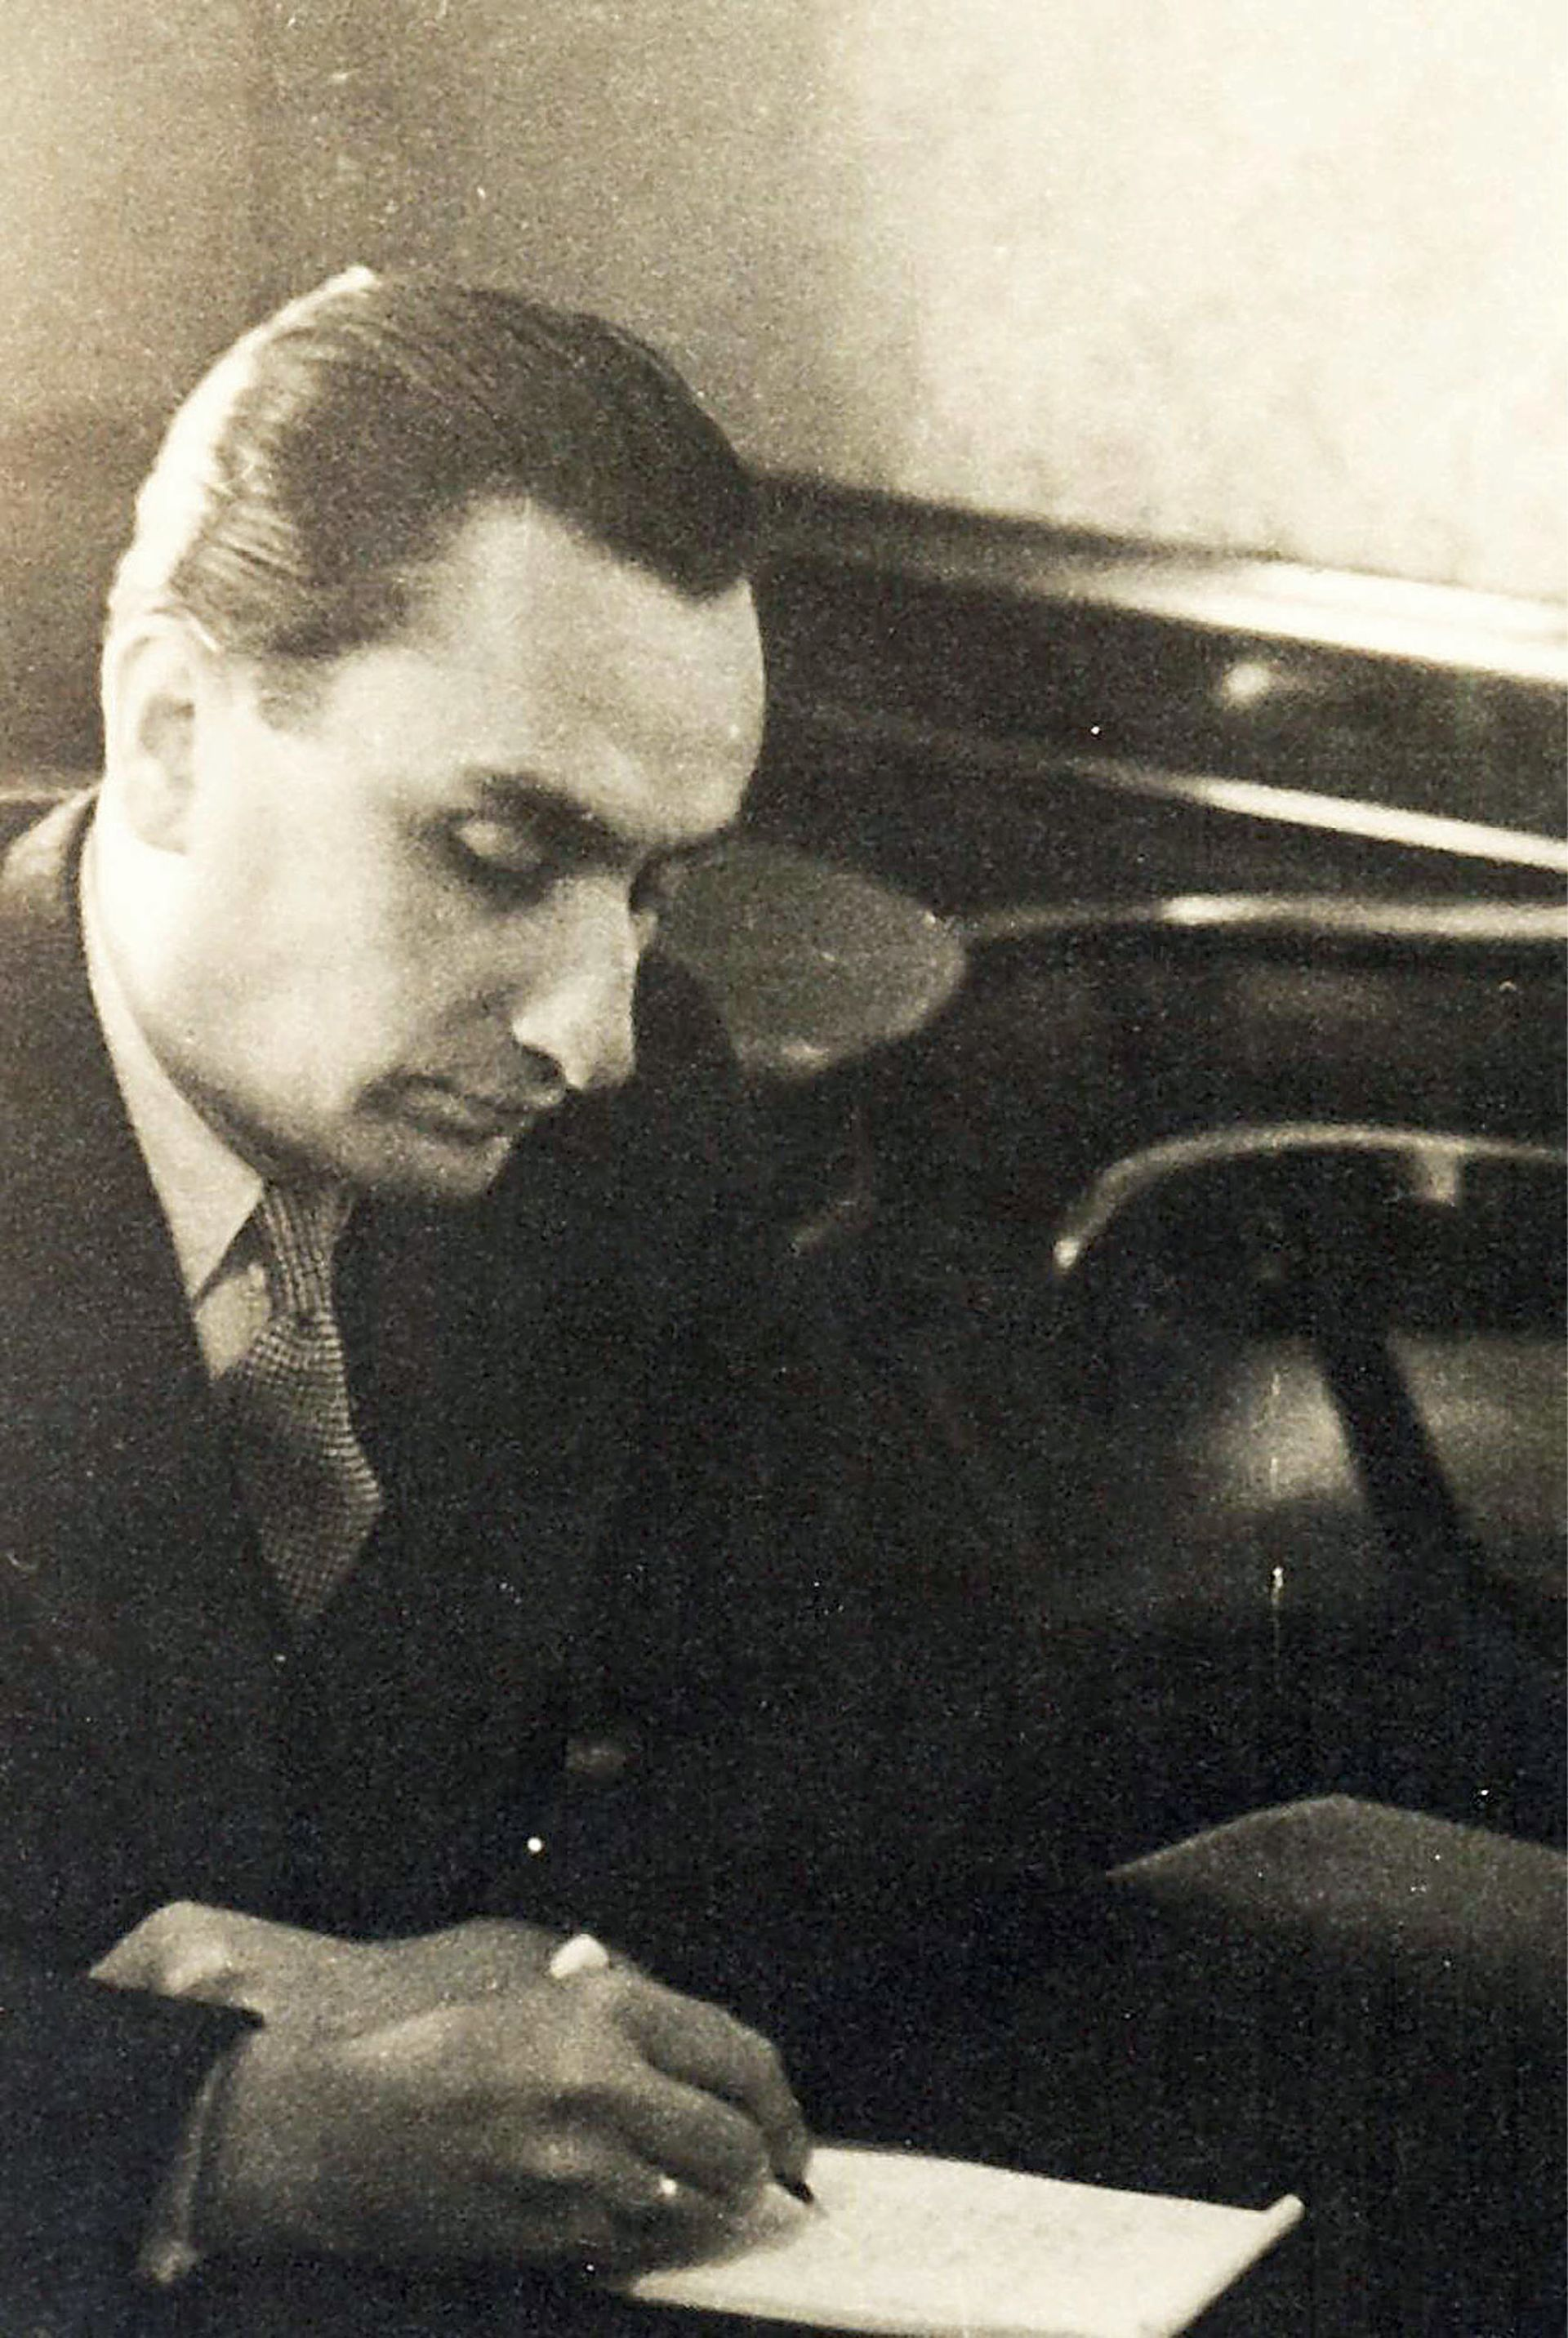 FELJTON Novinar u pokretu otpora Pavelićevu ustaškom režimu